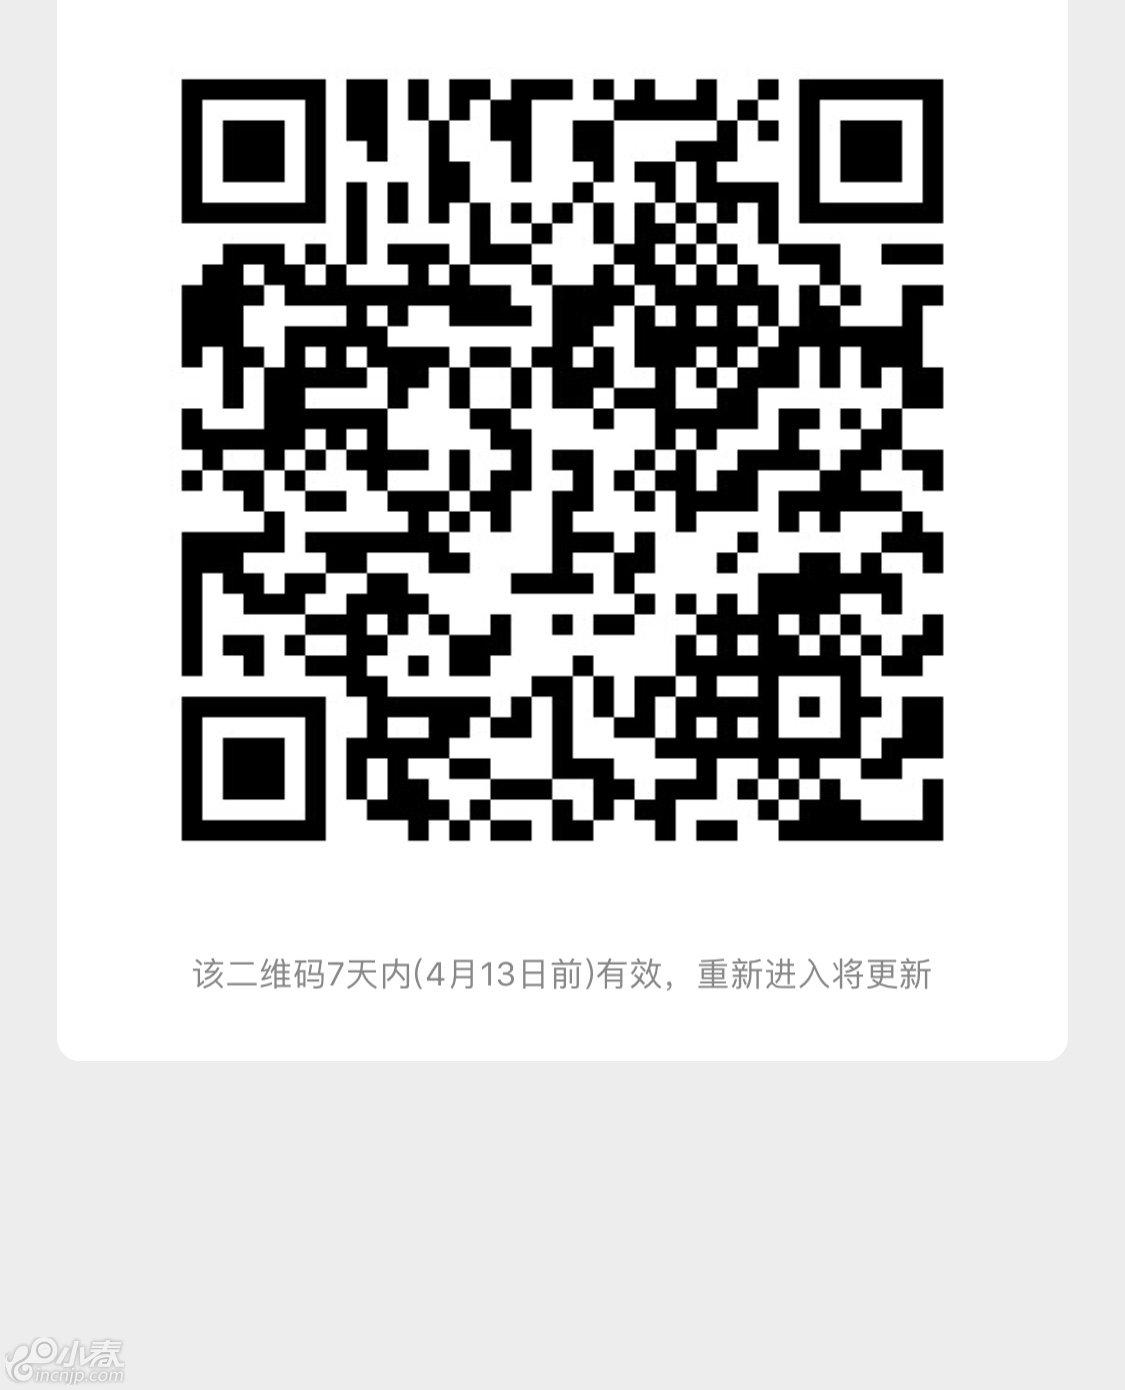 AABBF020-D802-4E05-A4A0-70B3C8B3911B.jpeg